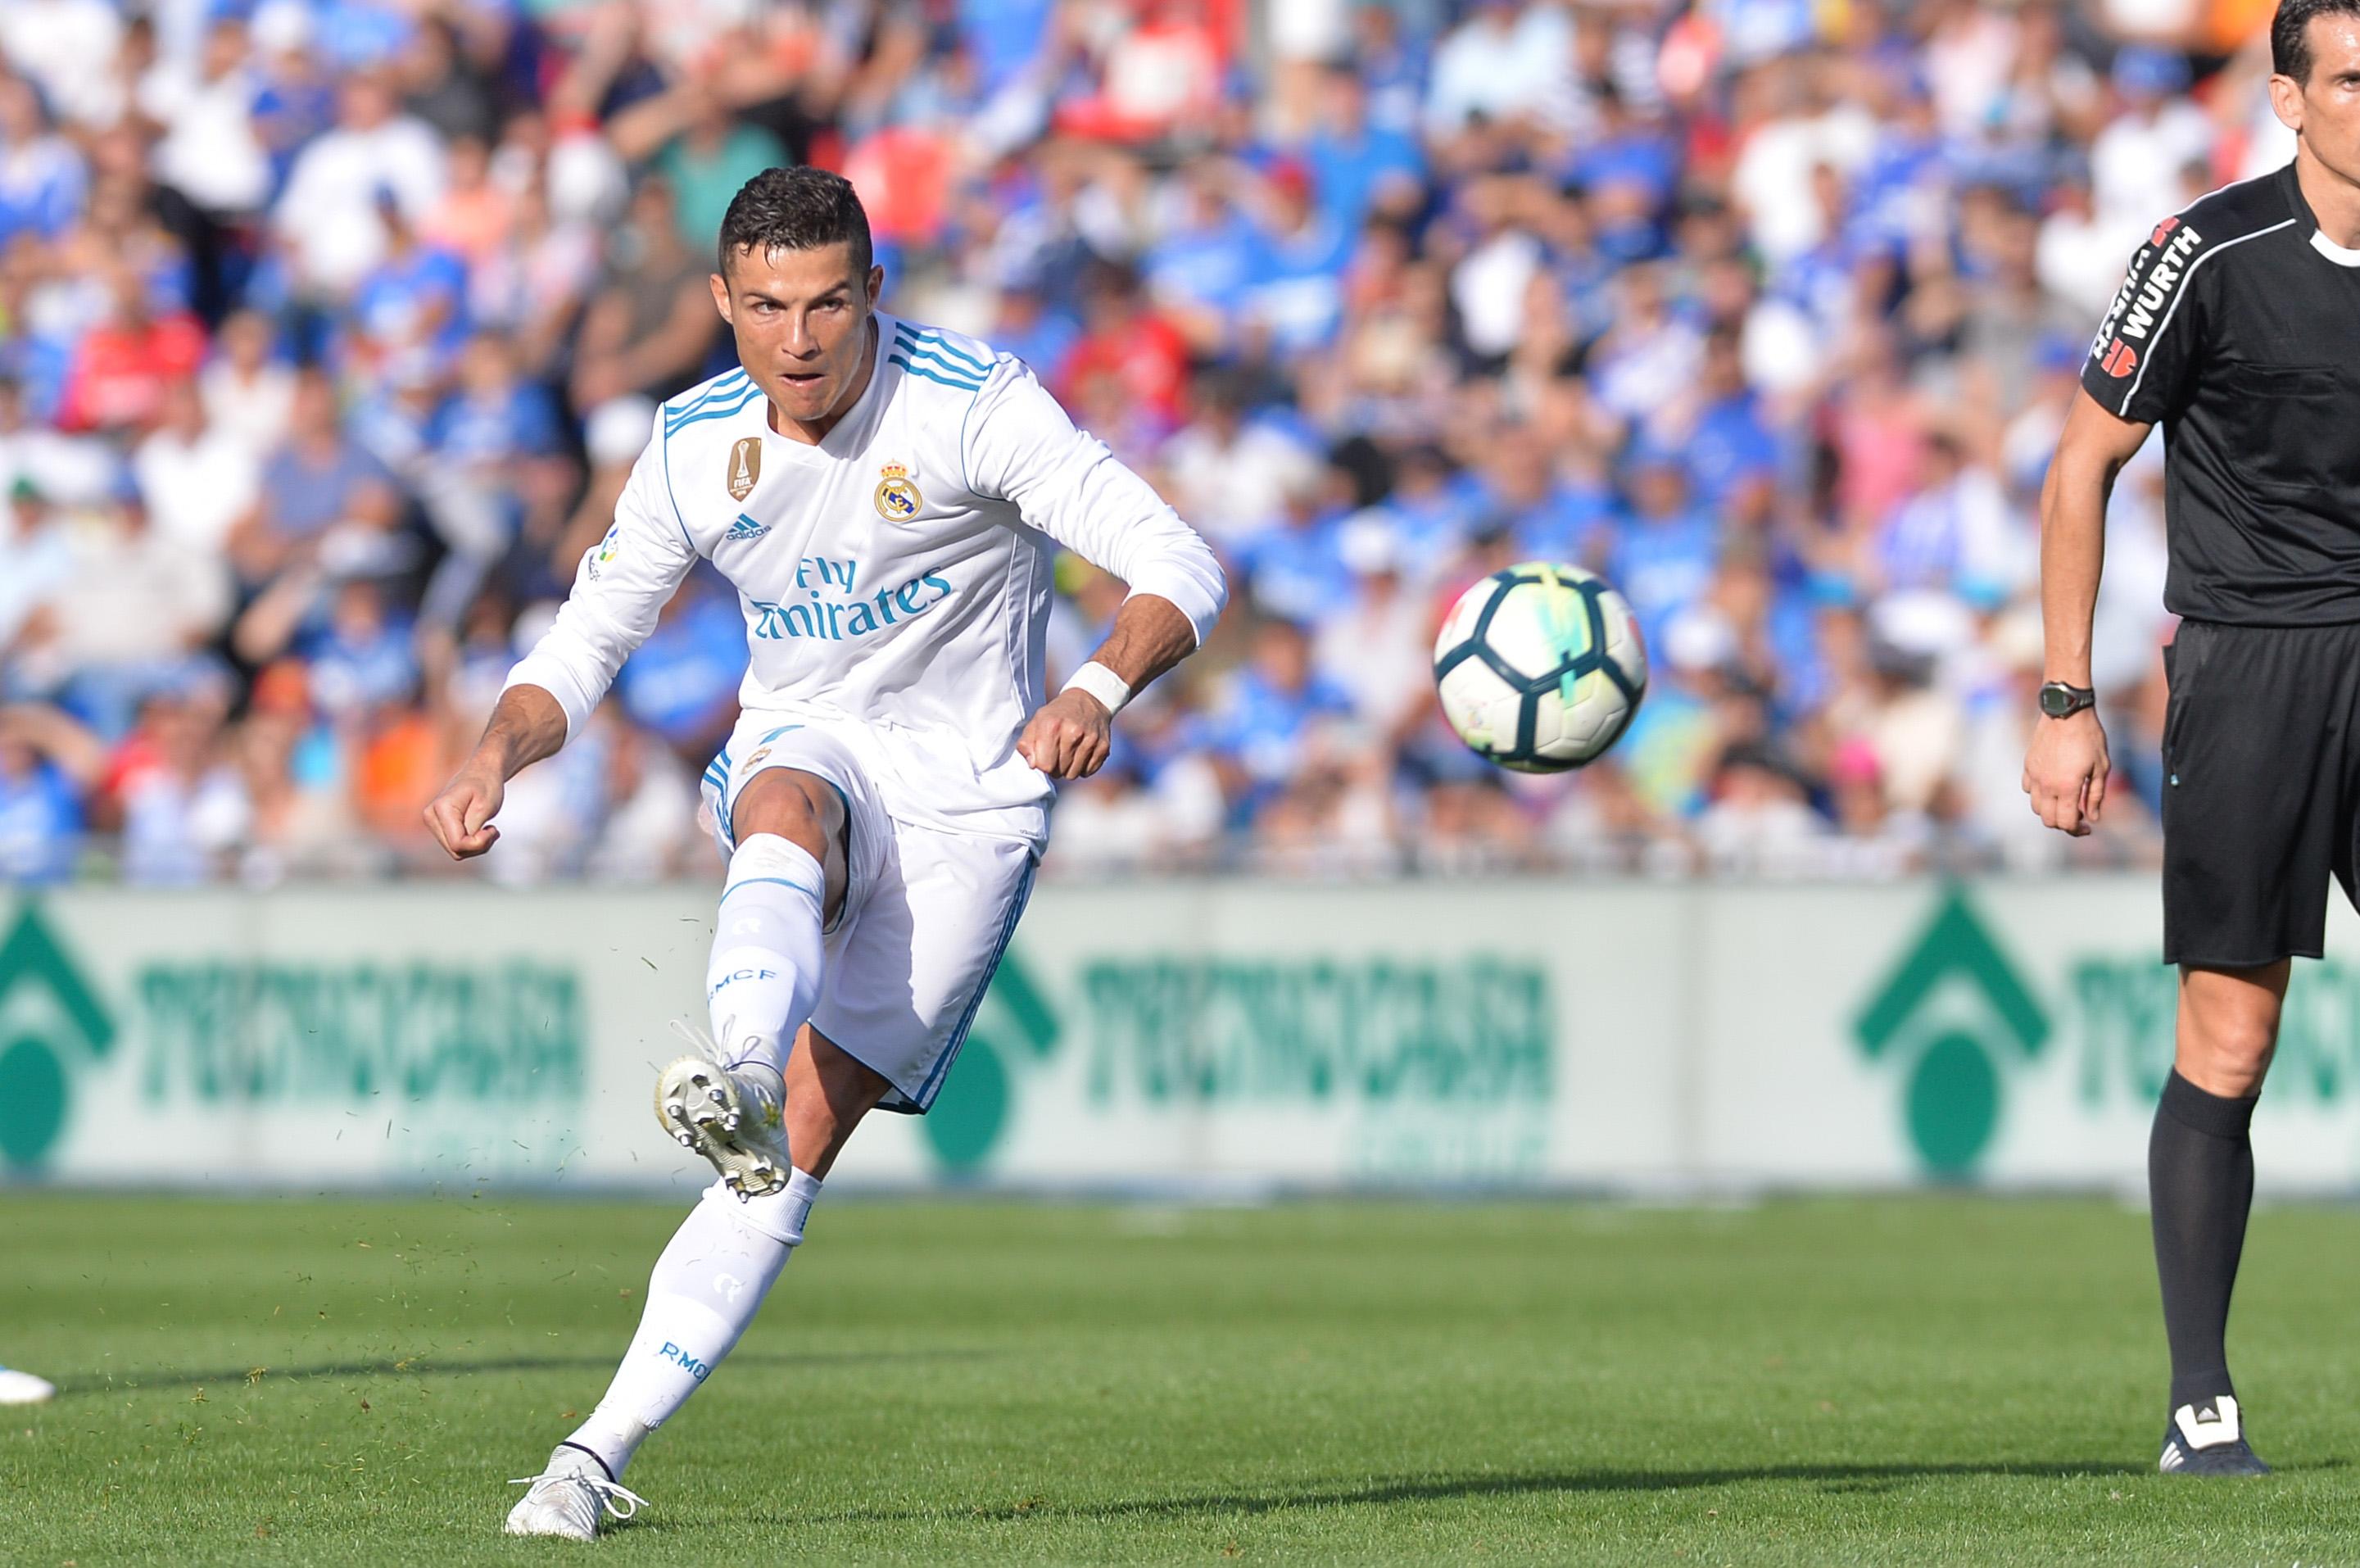 Football - Transferts - Le journal du mercato : Ronaldo annoncé partant du Real